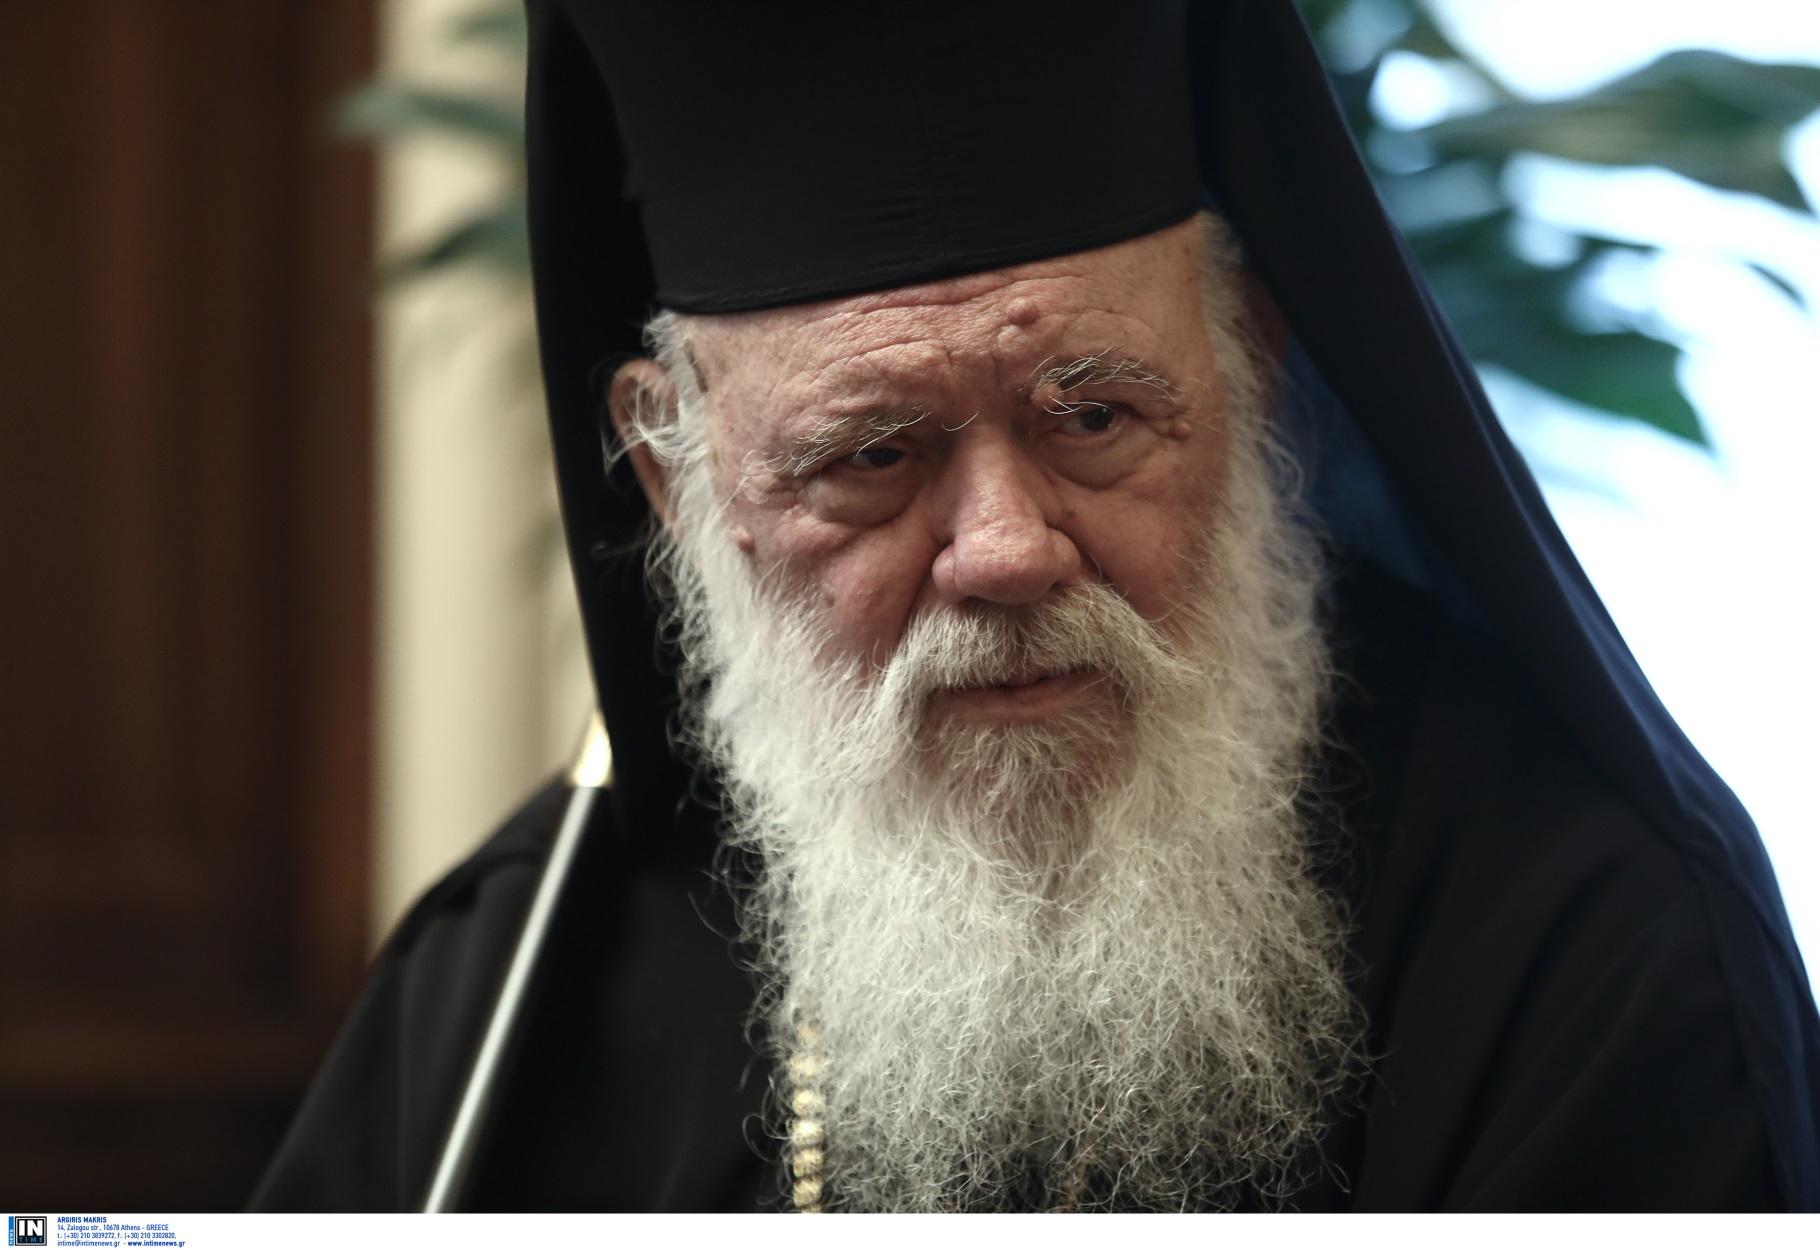 Κορονοϊός: Σταθερή η κατάσταση του Ιερώνυμου – Τι αναφέρει το ιατρικό ανακοινωθέν